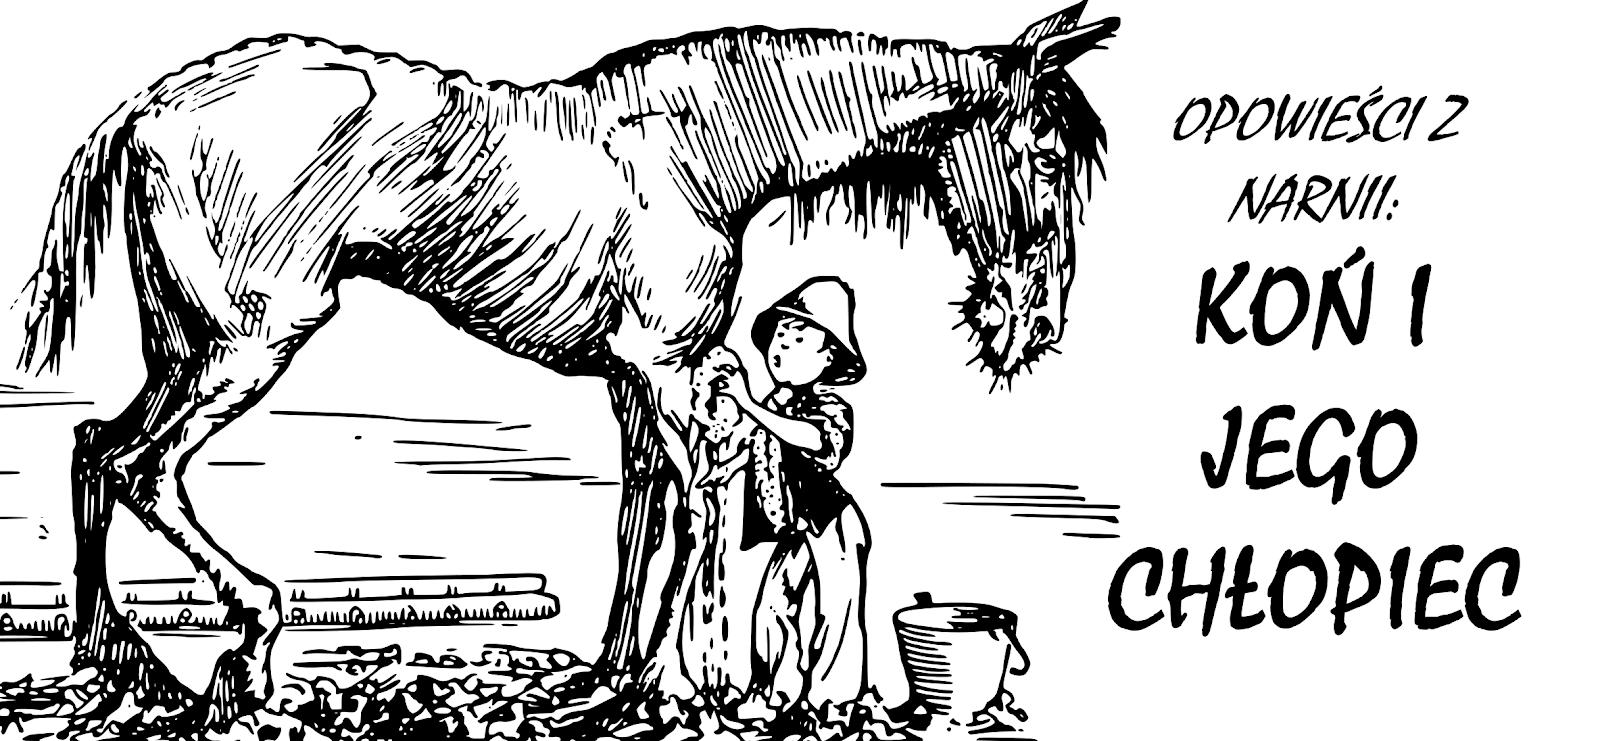 Opowieści z Narnii: Koń i jego chłopiec autorstwa C S Lewis'a.